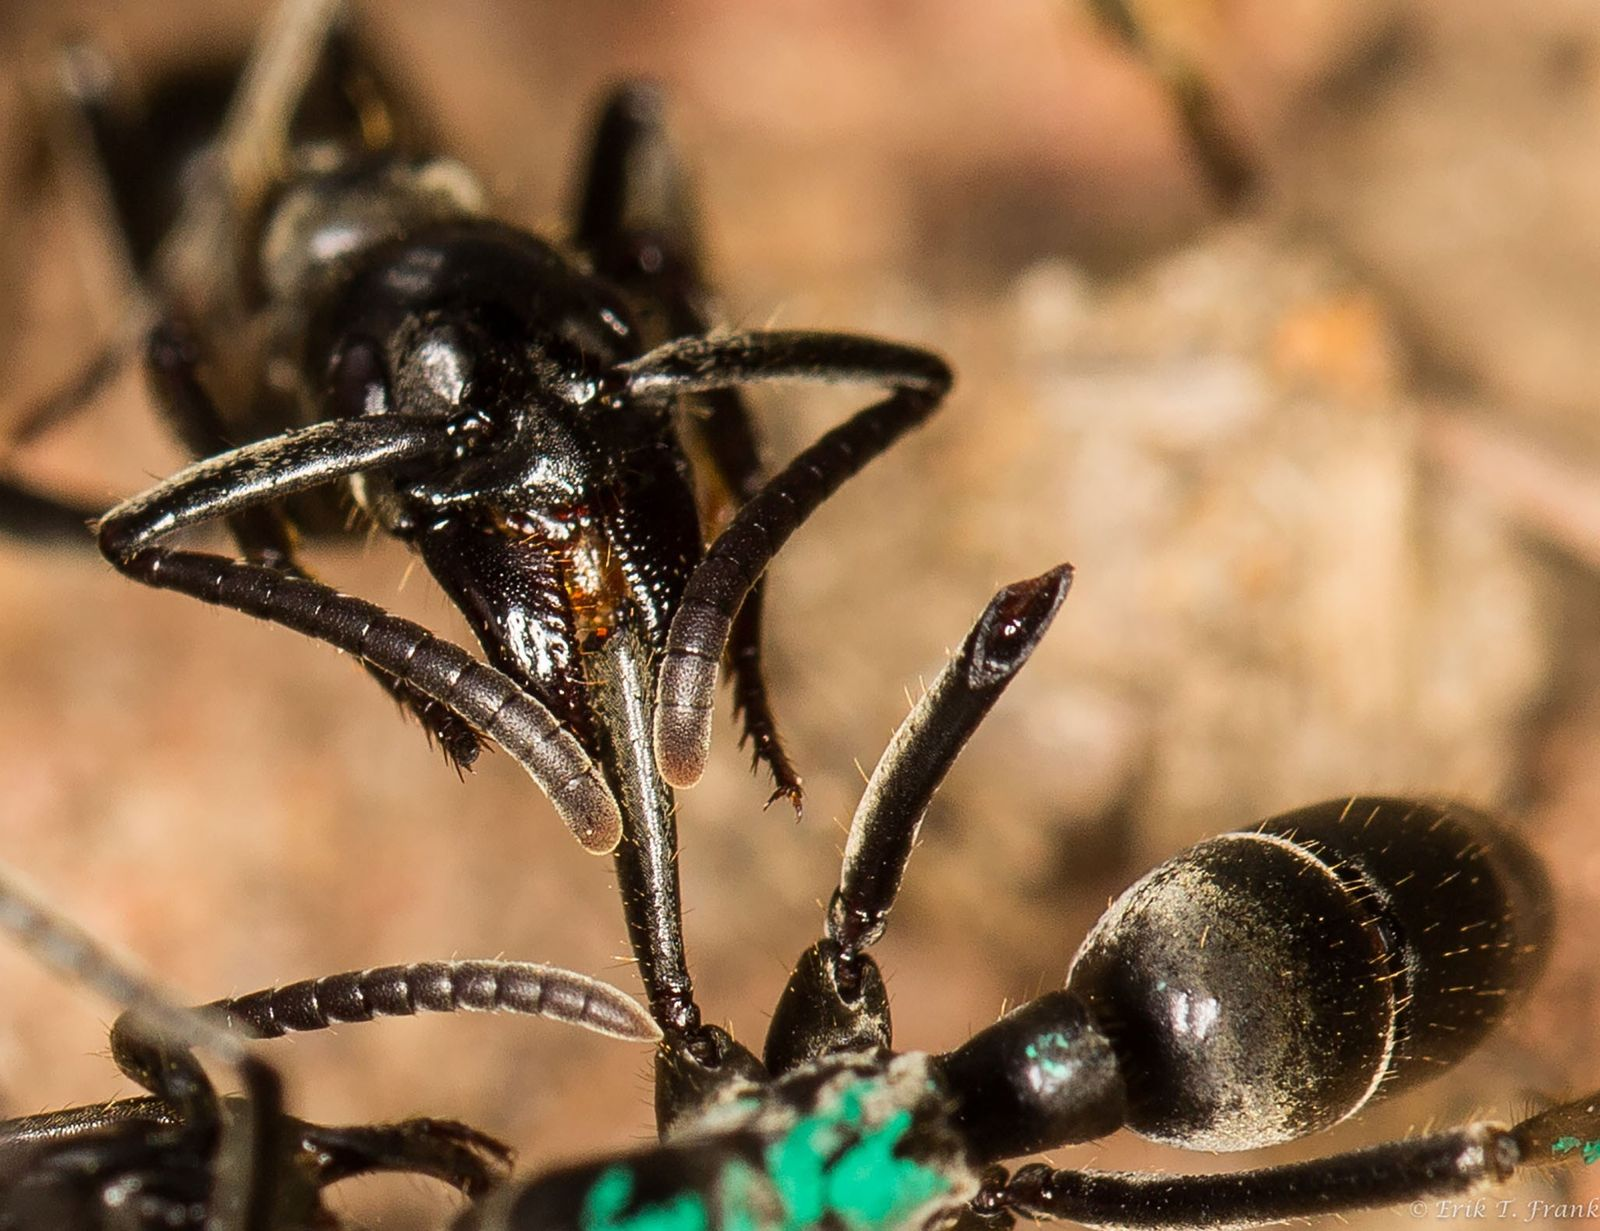 Las termitas soldado se agarran de la cabeza y las patas traseras de la hormiga durante ...